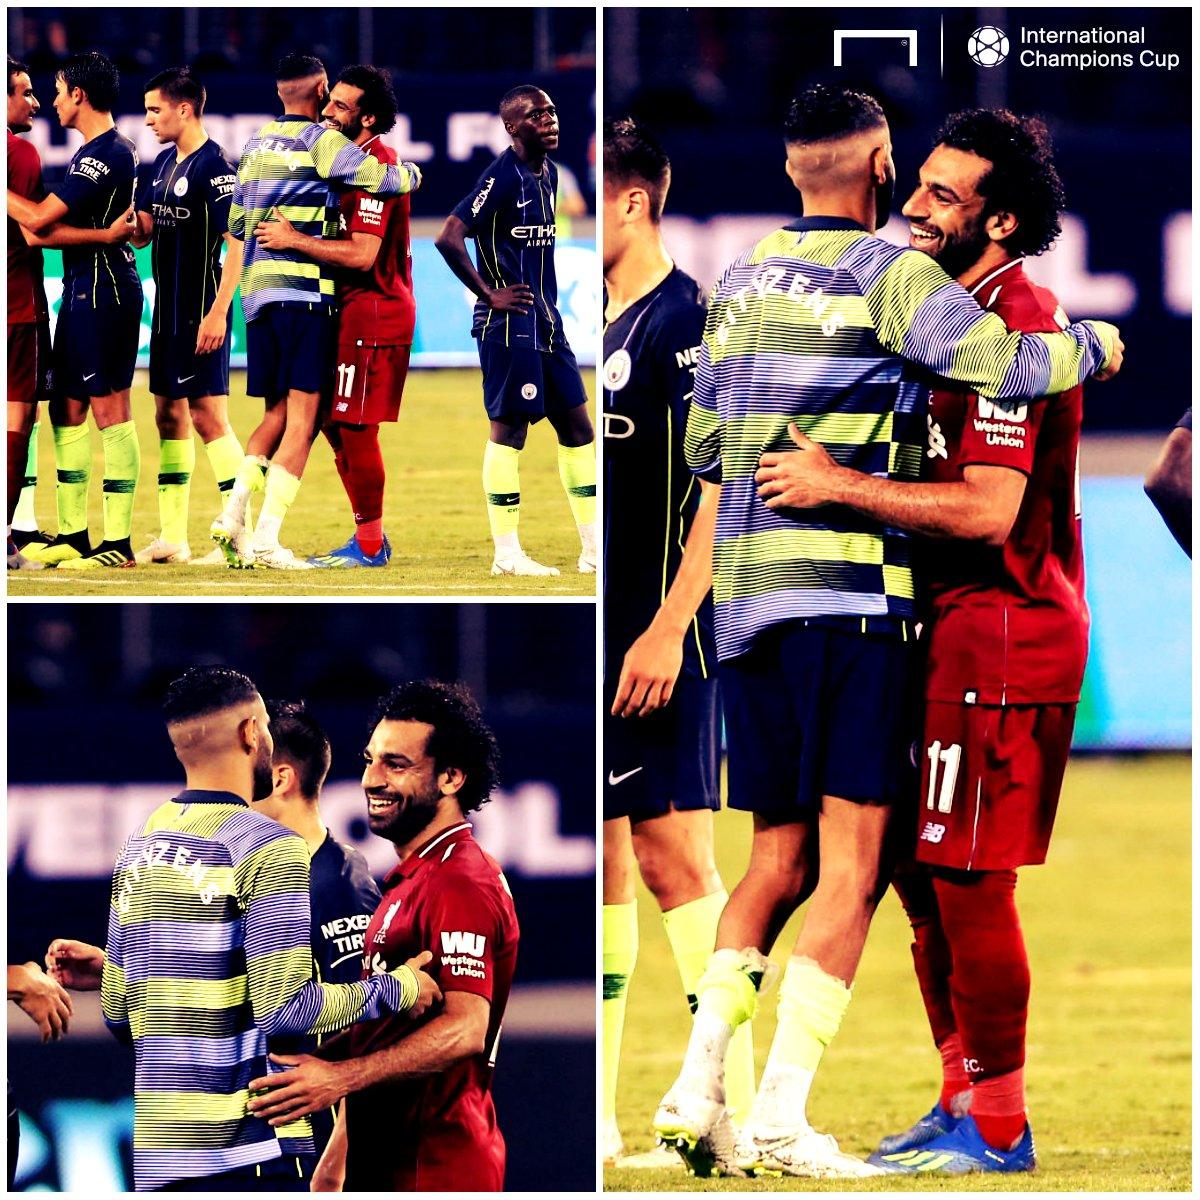 عودة محمد صلاح الناريه تشعل مباراة ليفربول الإنجليزى امام مواطنه مانشستر سيتى بفوز 2-1